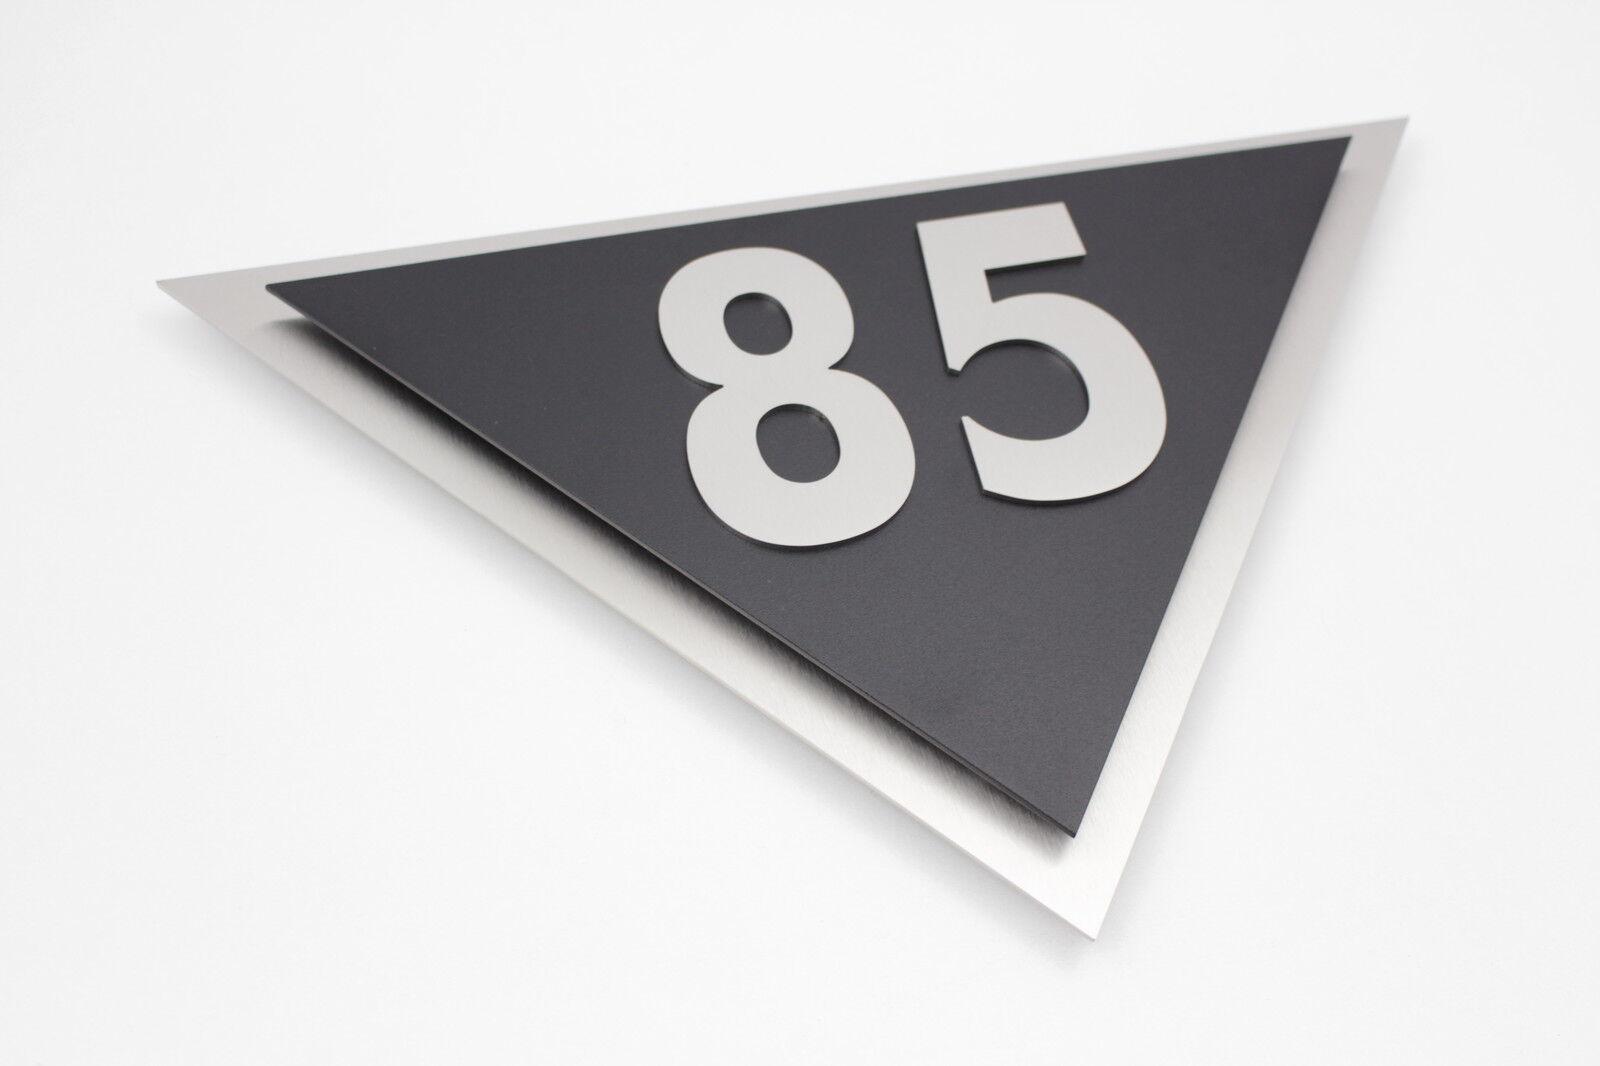 Hausnummer Edelstahl Edelstahl Edelstahl Schwarz Exklusives Design Venus V2A Zahl 0-9 a-h A-H | Hohe Qualität Und Geringen Overhead  | Zu einem niedrigeren Preis  | Meistverkaufte weltweit  44dffd